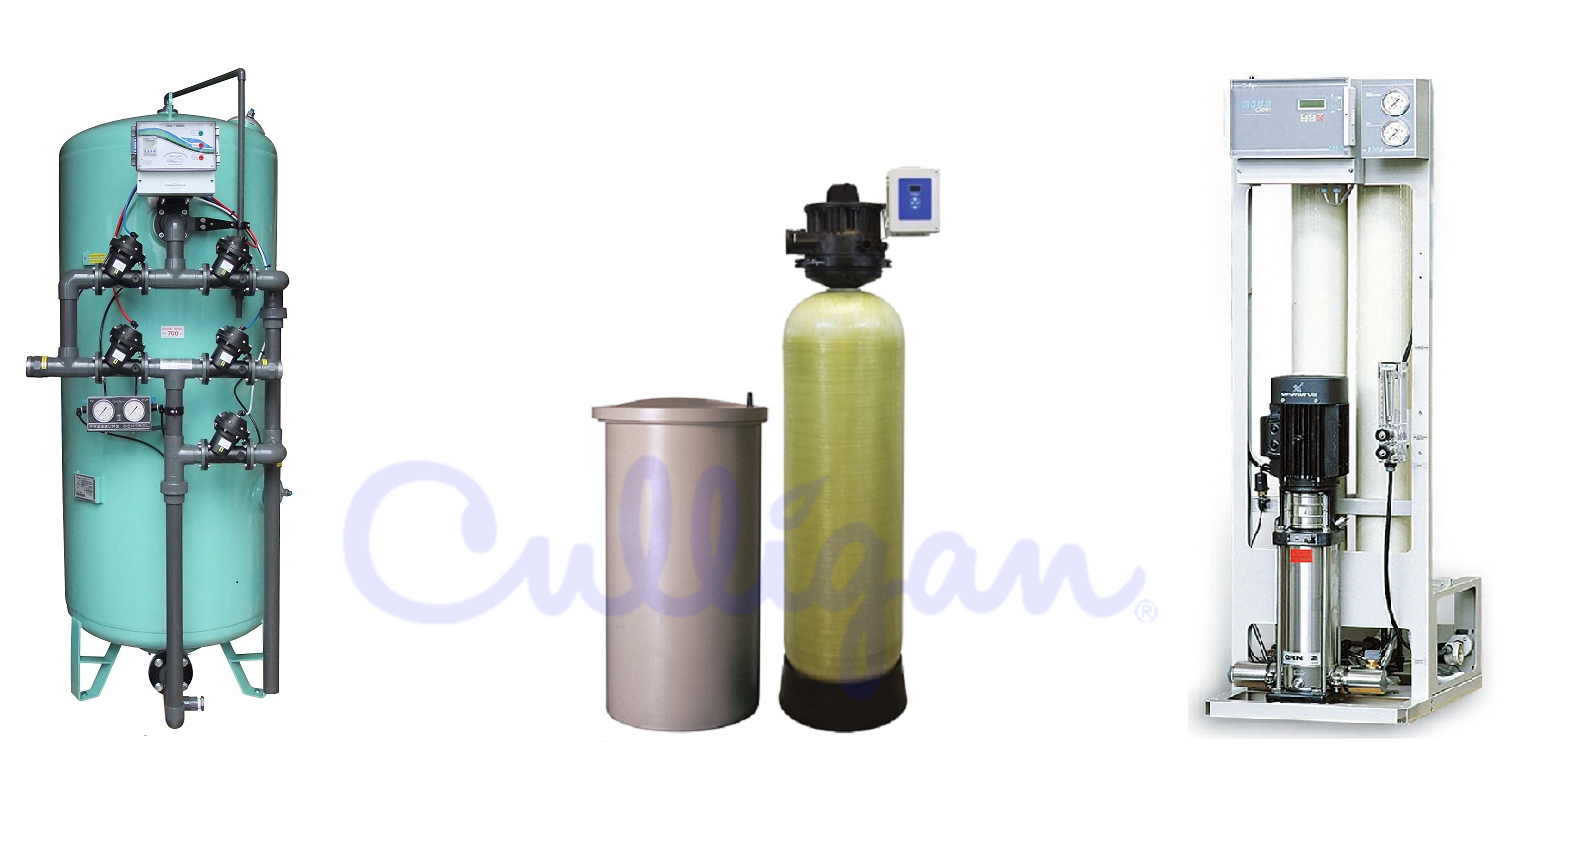 Vrg Vattenreningsgruppen H2o AB